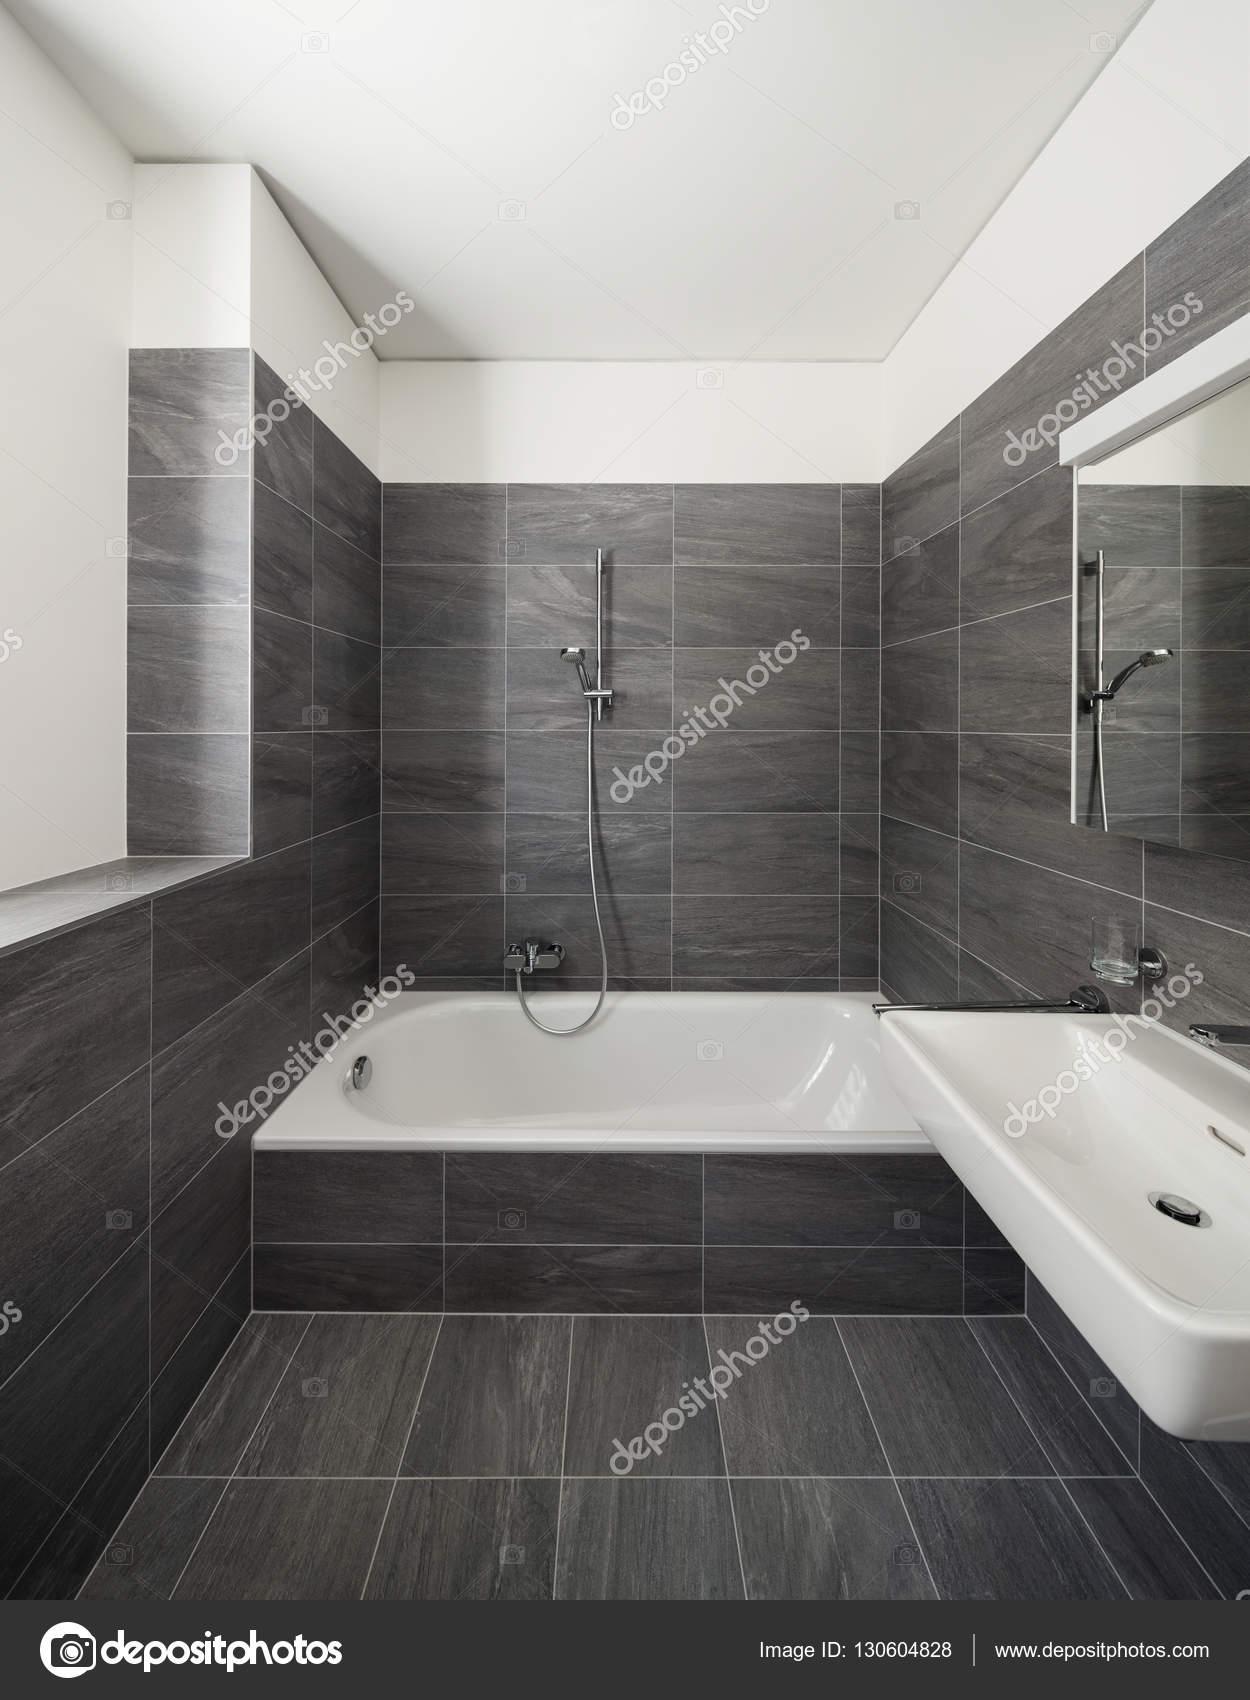 https://st3.depositphotos.com/2018053/13060/i/1600/depositphotos_130604828-stockafbeelding-interieur-van-een-modern-huis.jpg